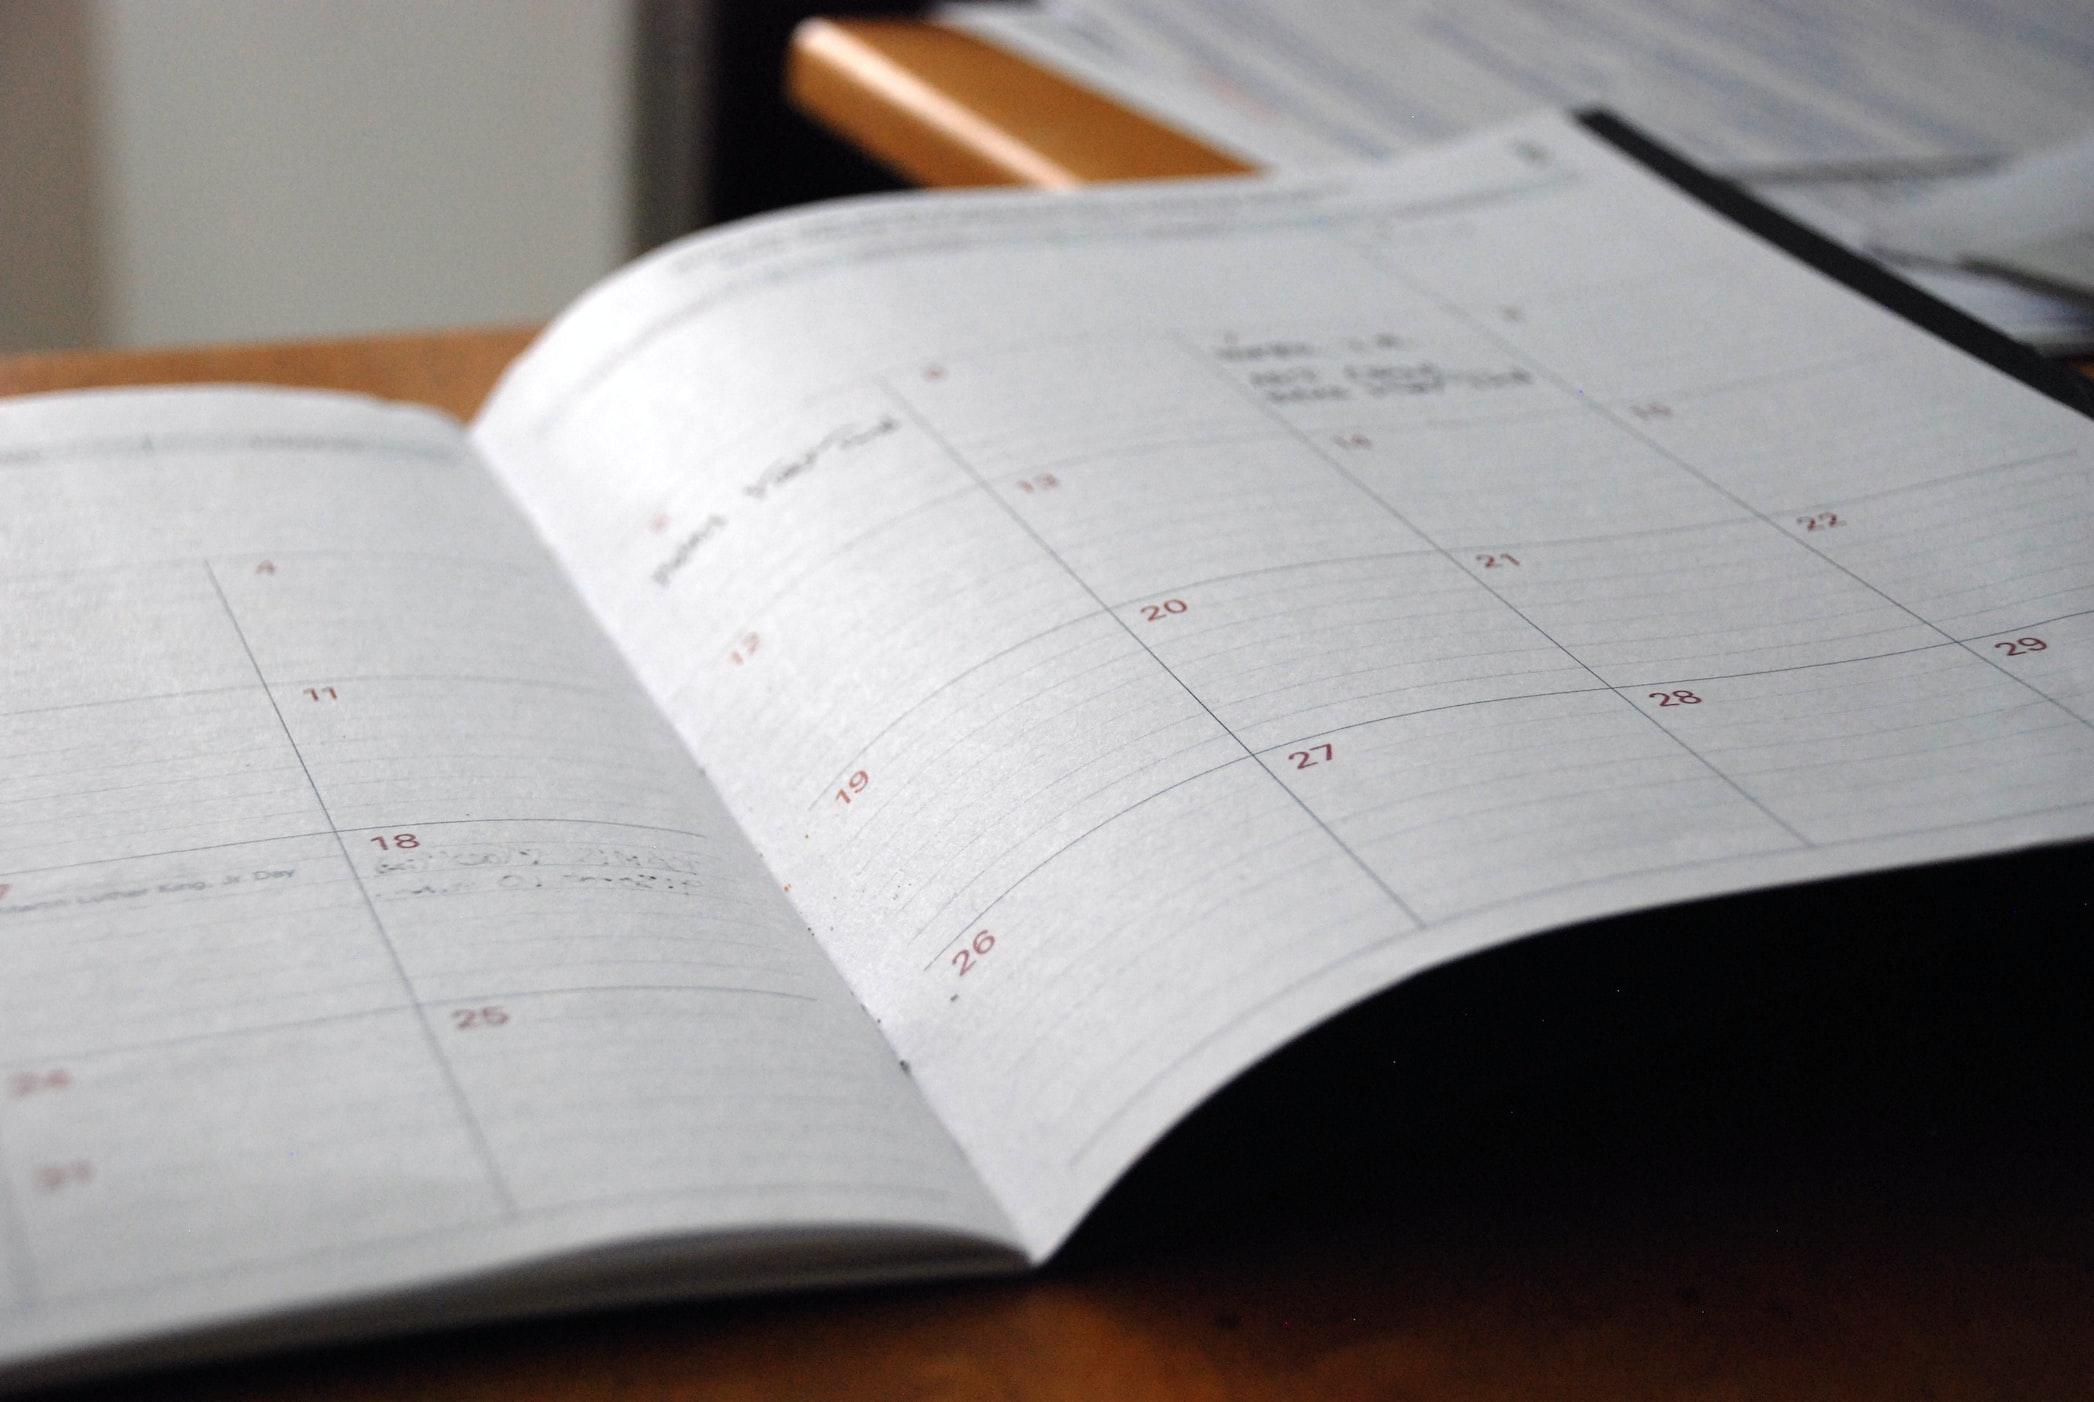 目標設定の具体的なステップ『逆算して1ヶ月ごとの達成目標を明確にする』